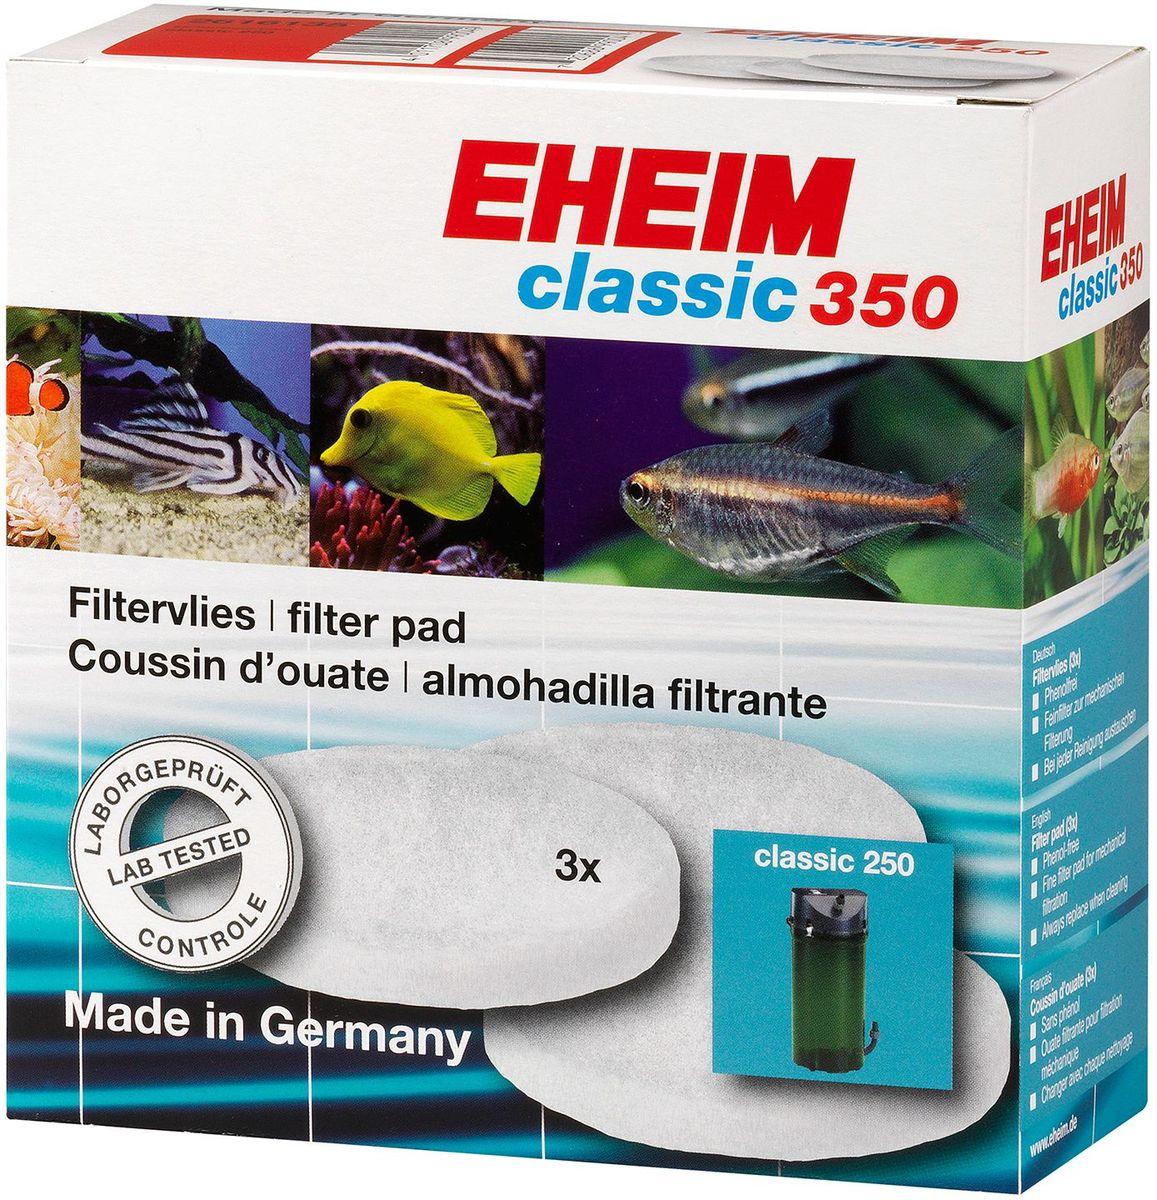 Наполнитель для фильтра Eheim Classic 350, синтепон, 3 шт12171996Мелкопористая губка для фильтров Eheim Classic 350 предназначена для завершающей стадии очистки воды.